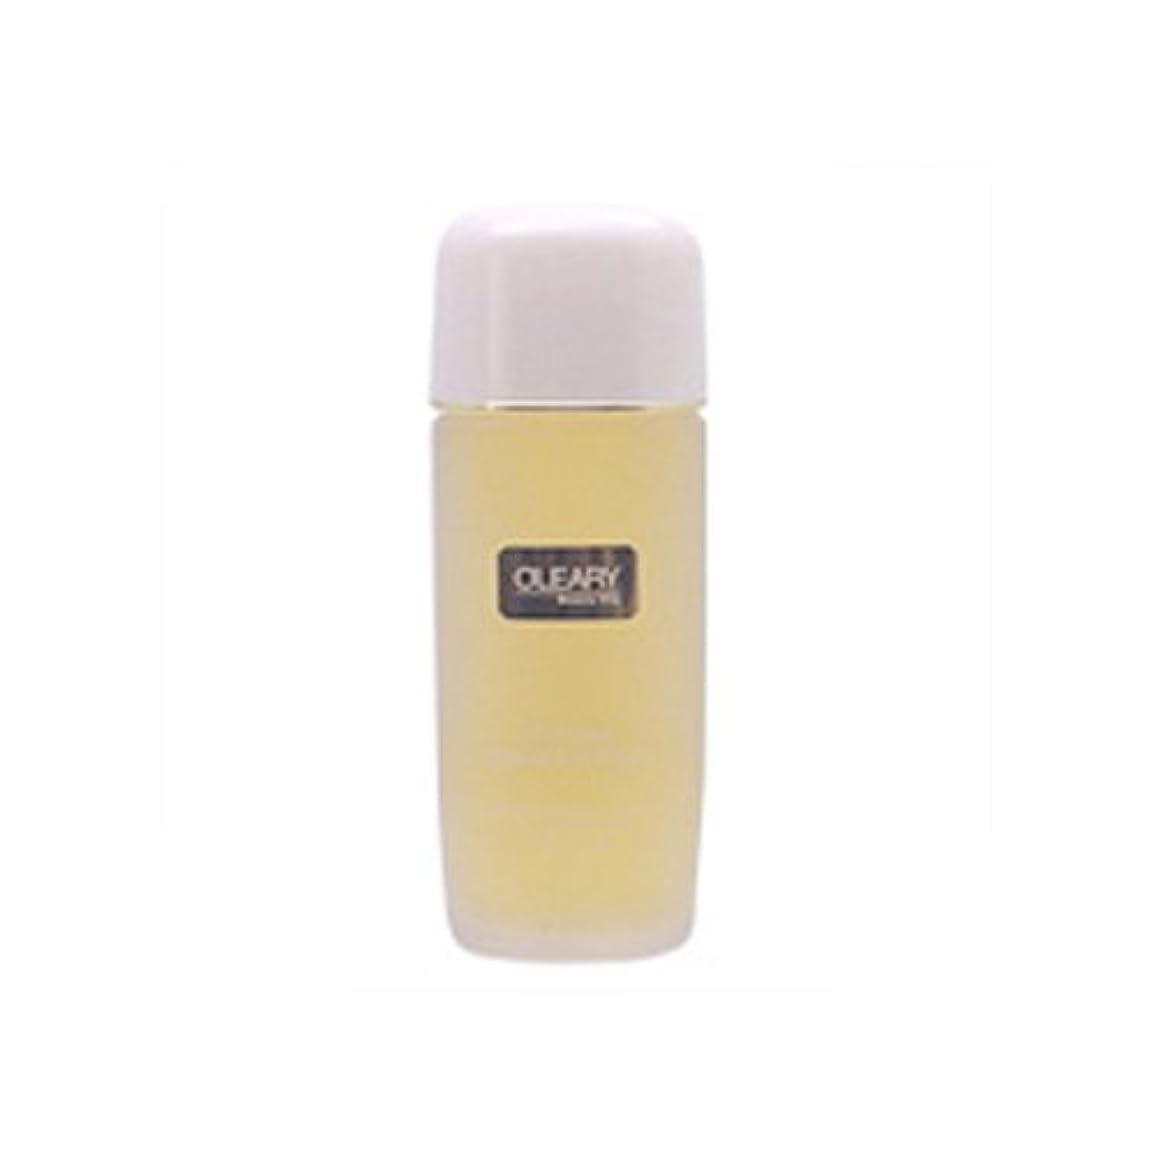 ガジュマル消防士粘液オリリー セルファインエッセンスローション(化粧液)さっぱりタイプ